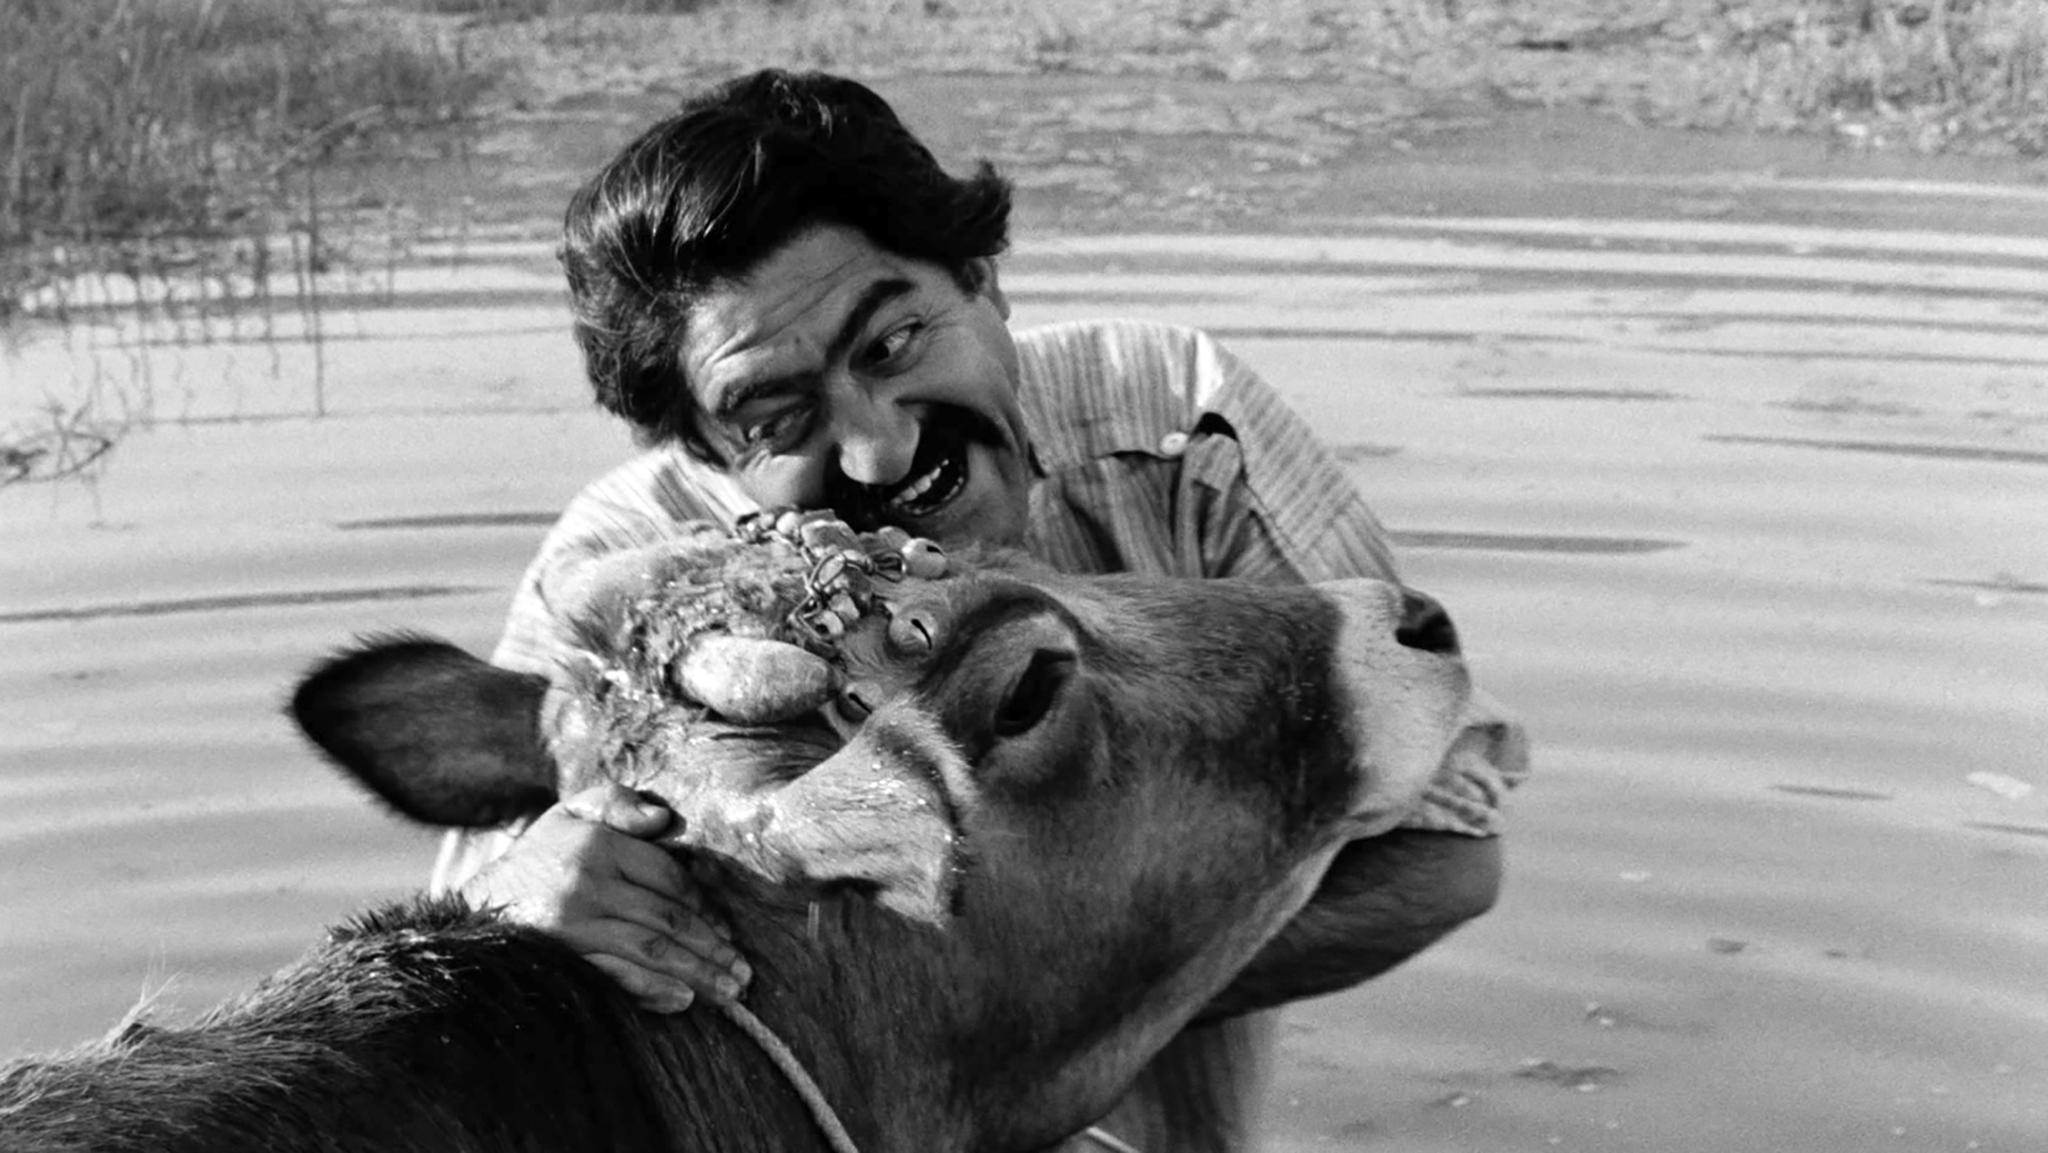 The_Cow_Film_Still_1.jpg